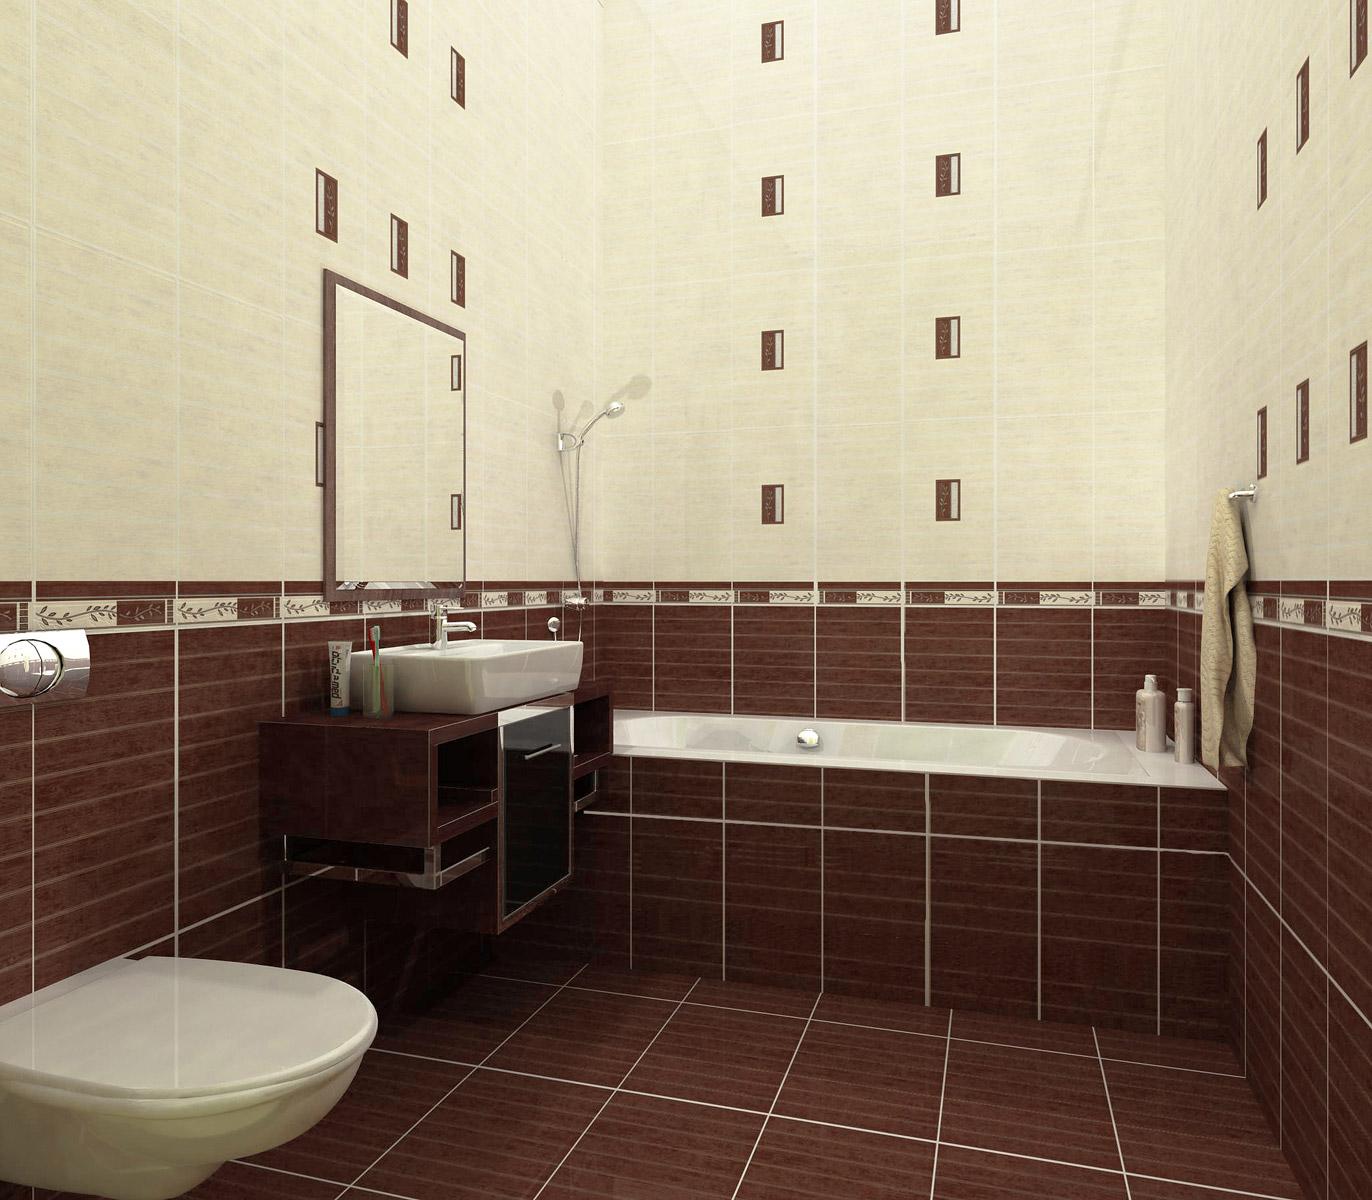 Кафельная плитка для ванной комнаты, фото дизайнерских ...: http://build-experts.ru/kafelnaya-plitka-dlya-vannoj-komnaty-estetika-klassiki/